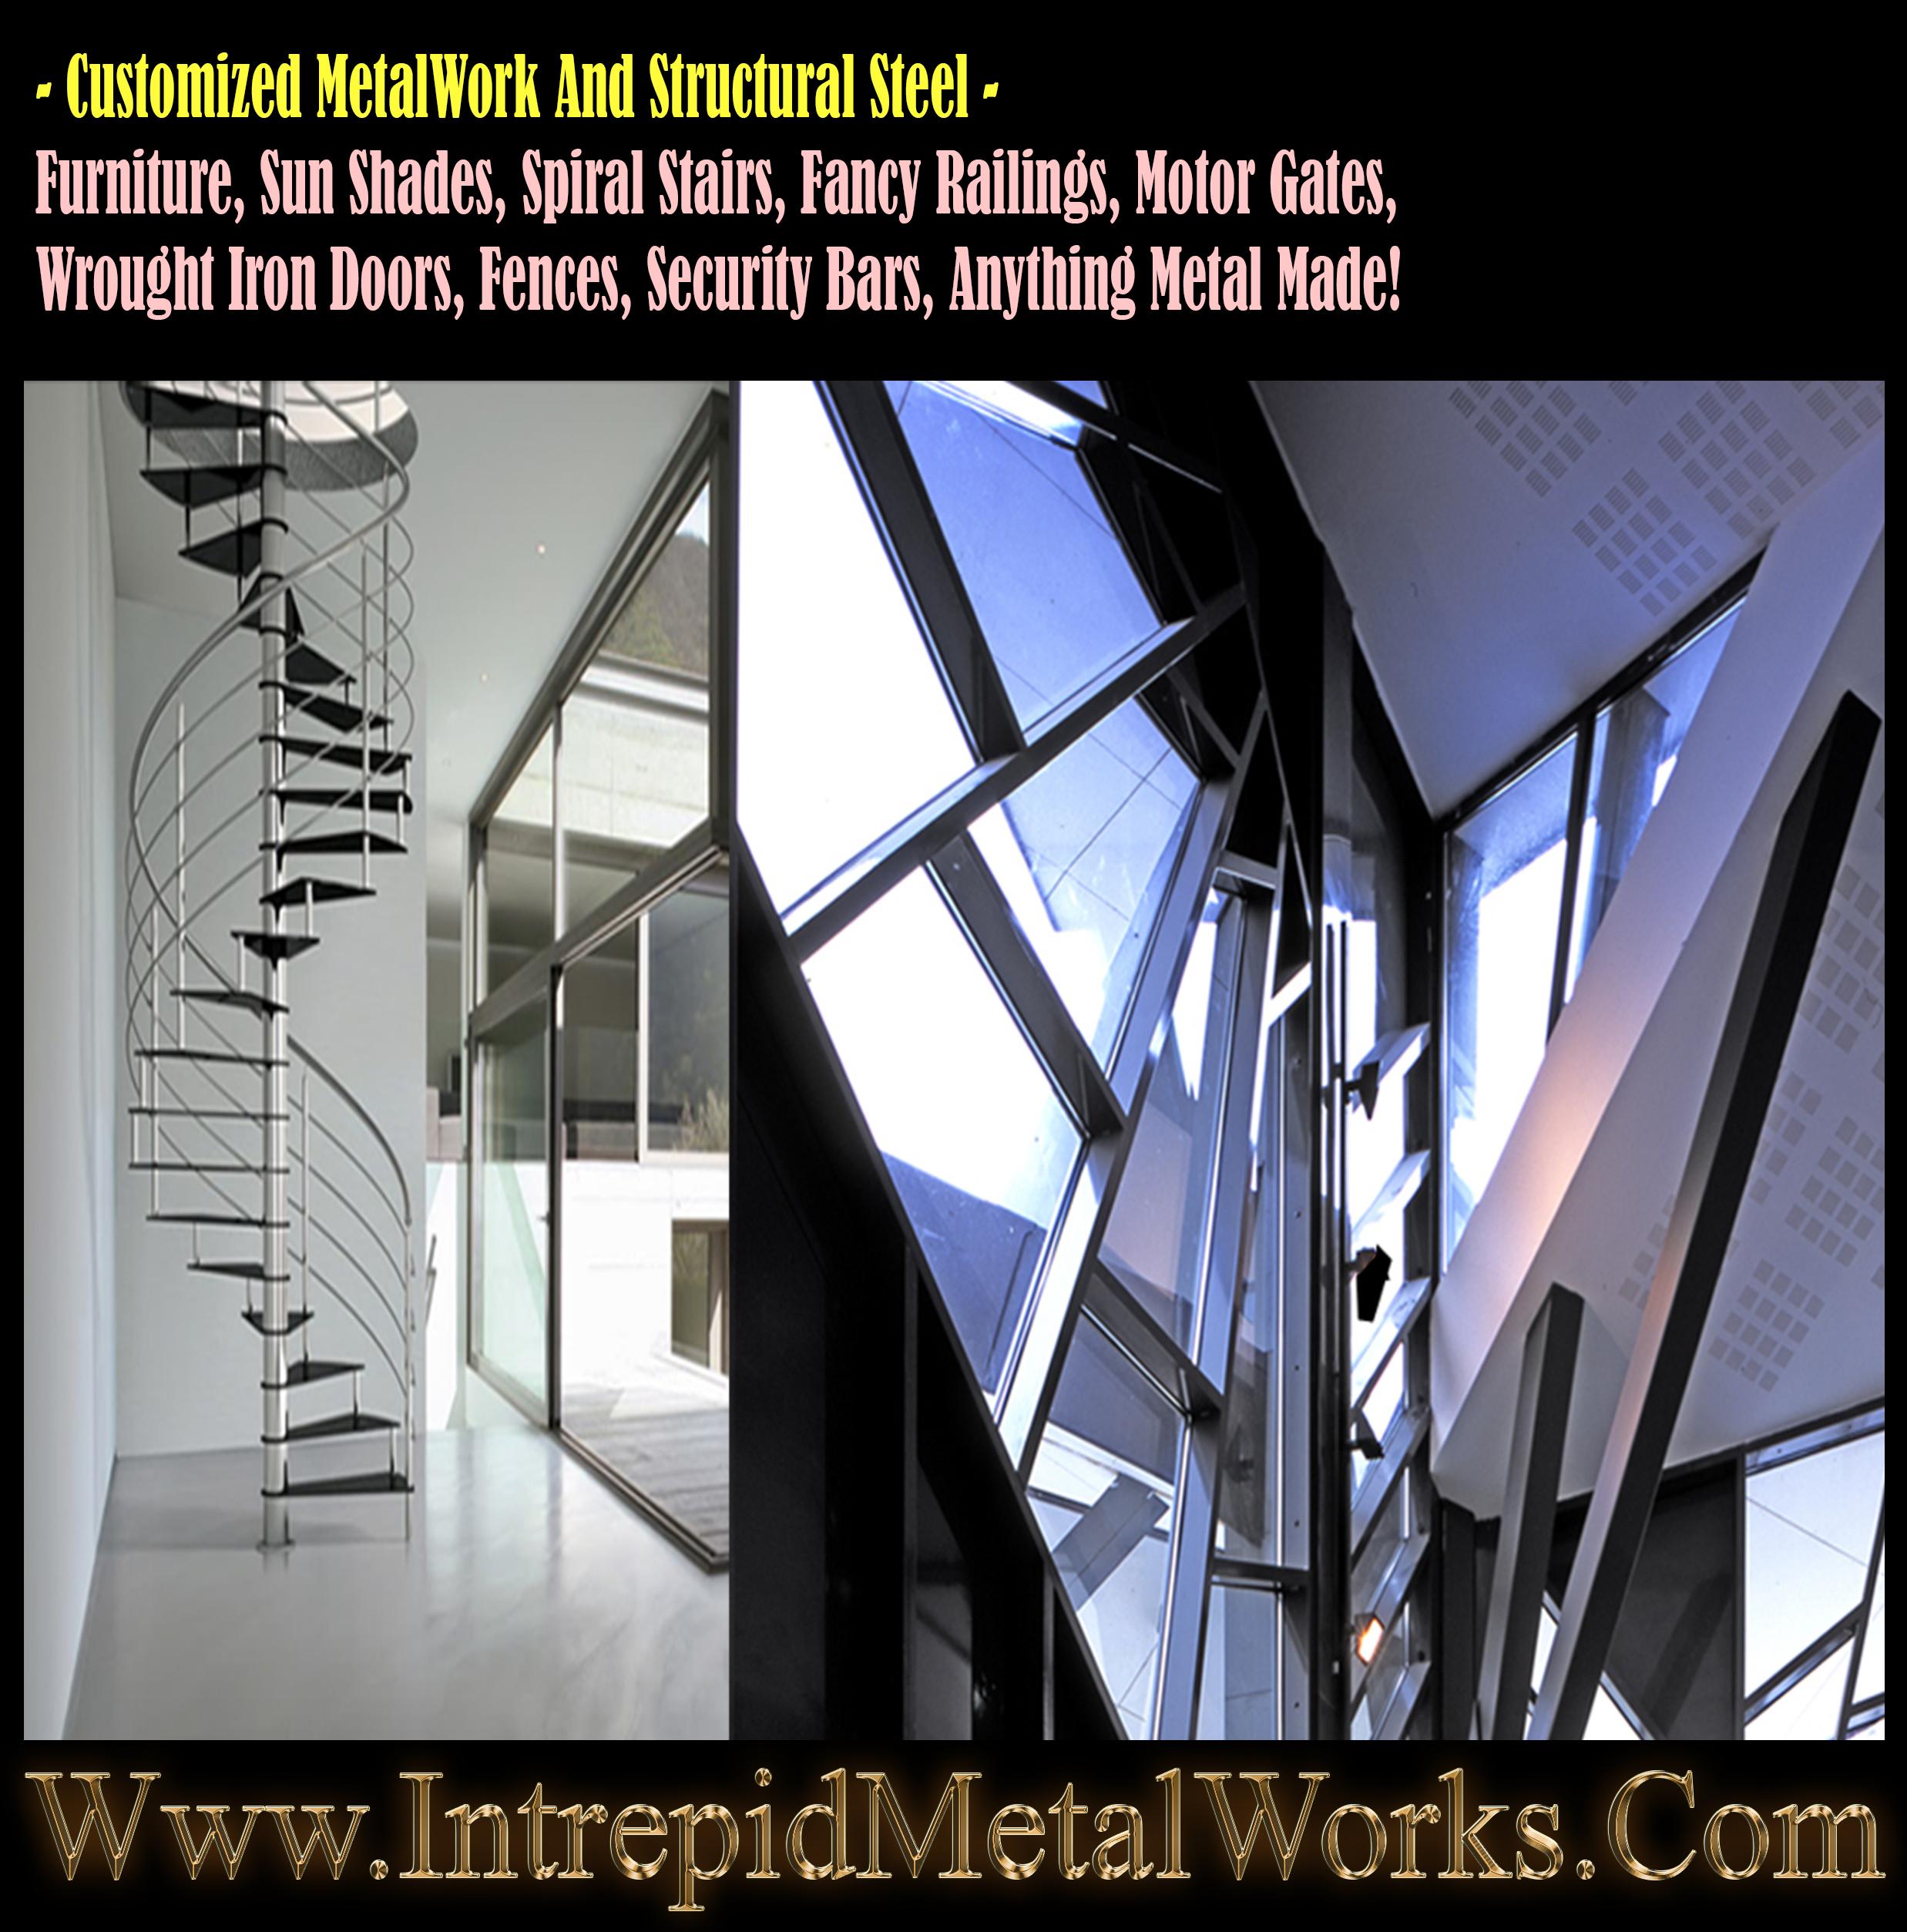 Www.IntrepidMetalWorks.Com